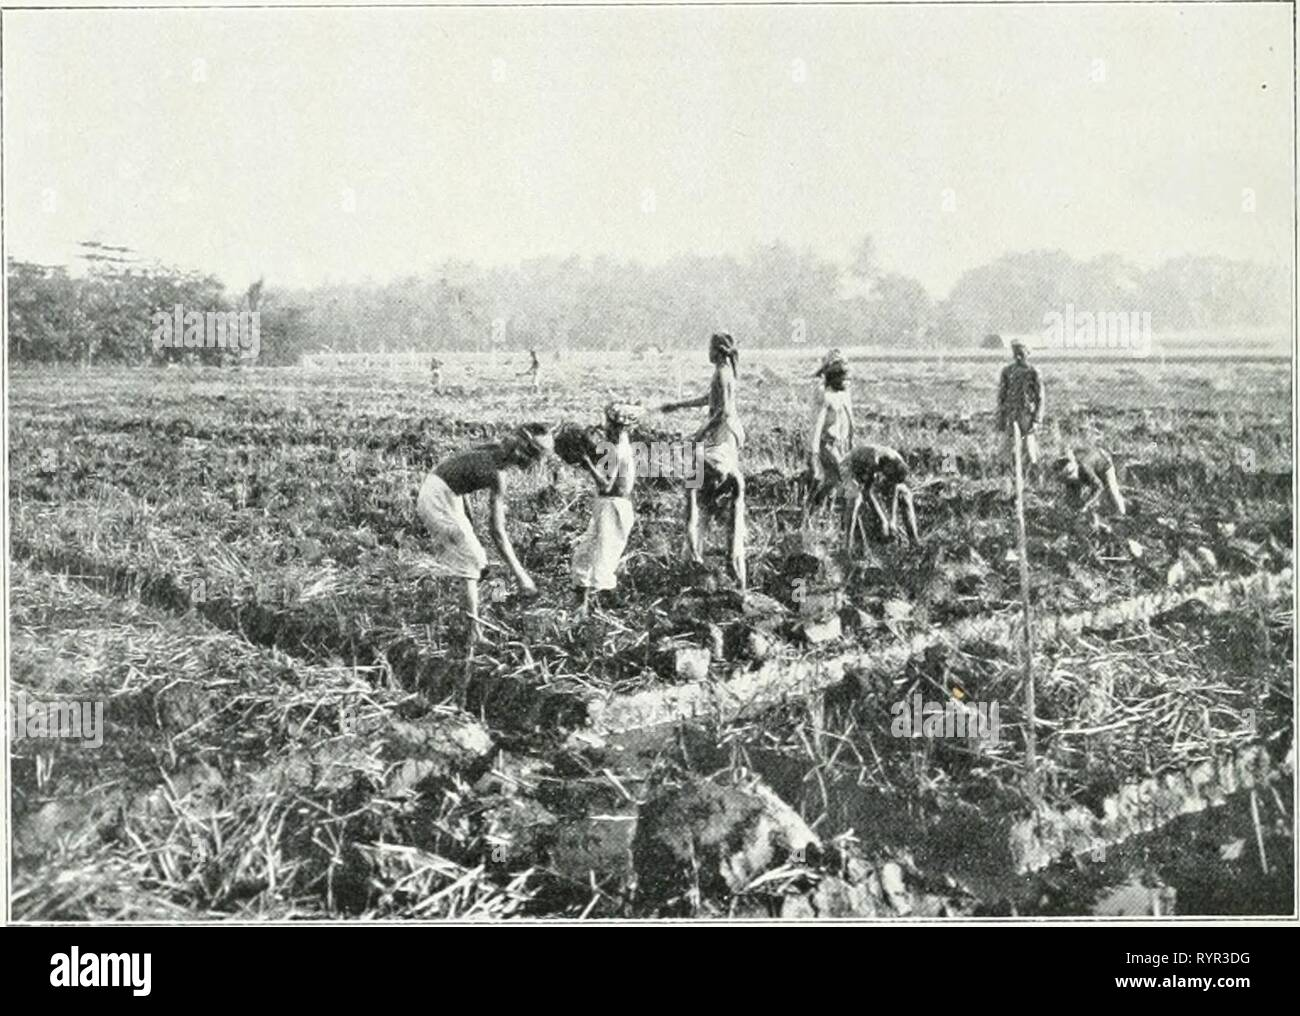 Dr KW van Gorkom's Oost-Indische Dr. K.W. van Gorkom's Oost-Indische culture. Opnieuw uitg. onder redactie van H.C. Prinsen Geerligs. [Porta J.P. van der Stock et al.] . drkwvangorkomsoo02gorkuoft Anno: 1917 134 De veldwerkzaamheden voor de cultuur van het suikerriet essere- ginnen, zoodra de rijst geoogst è di canne gedurende de dagen, waarop de padisnit plaats heeft. Üe grond sia porta den natten rijstbouw gedurende maanden achtereen incontrato acqua verzadigd geweest; sportello de werking van Micro-organismen hebben daarin allerlei reductie-processen plaats gehad en om hem weder voor den rietbouw geschikt Immagini Stock